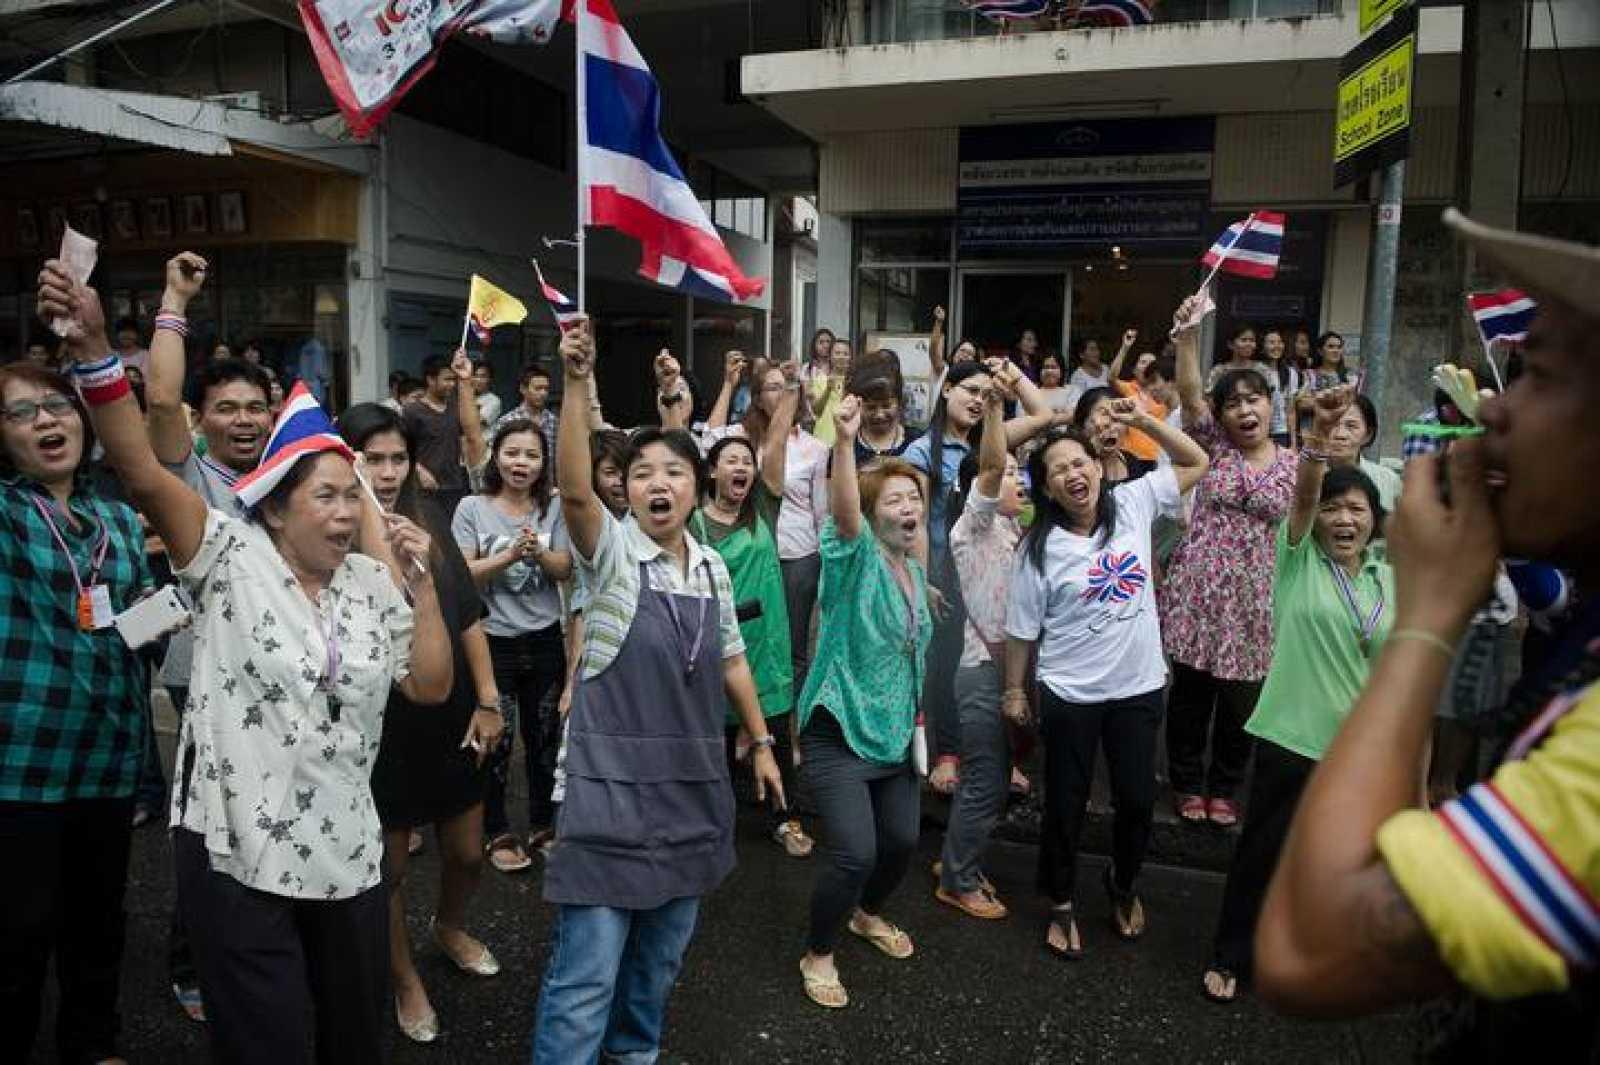 Manifestantes antigubernamentales en Tailandia celebran el fallo del Tribunal Constitucional que ordena el cese de la primera ministra, Yingluck Shinawatra